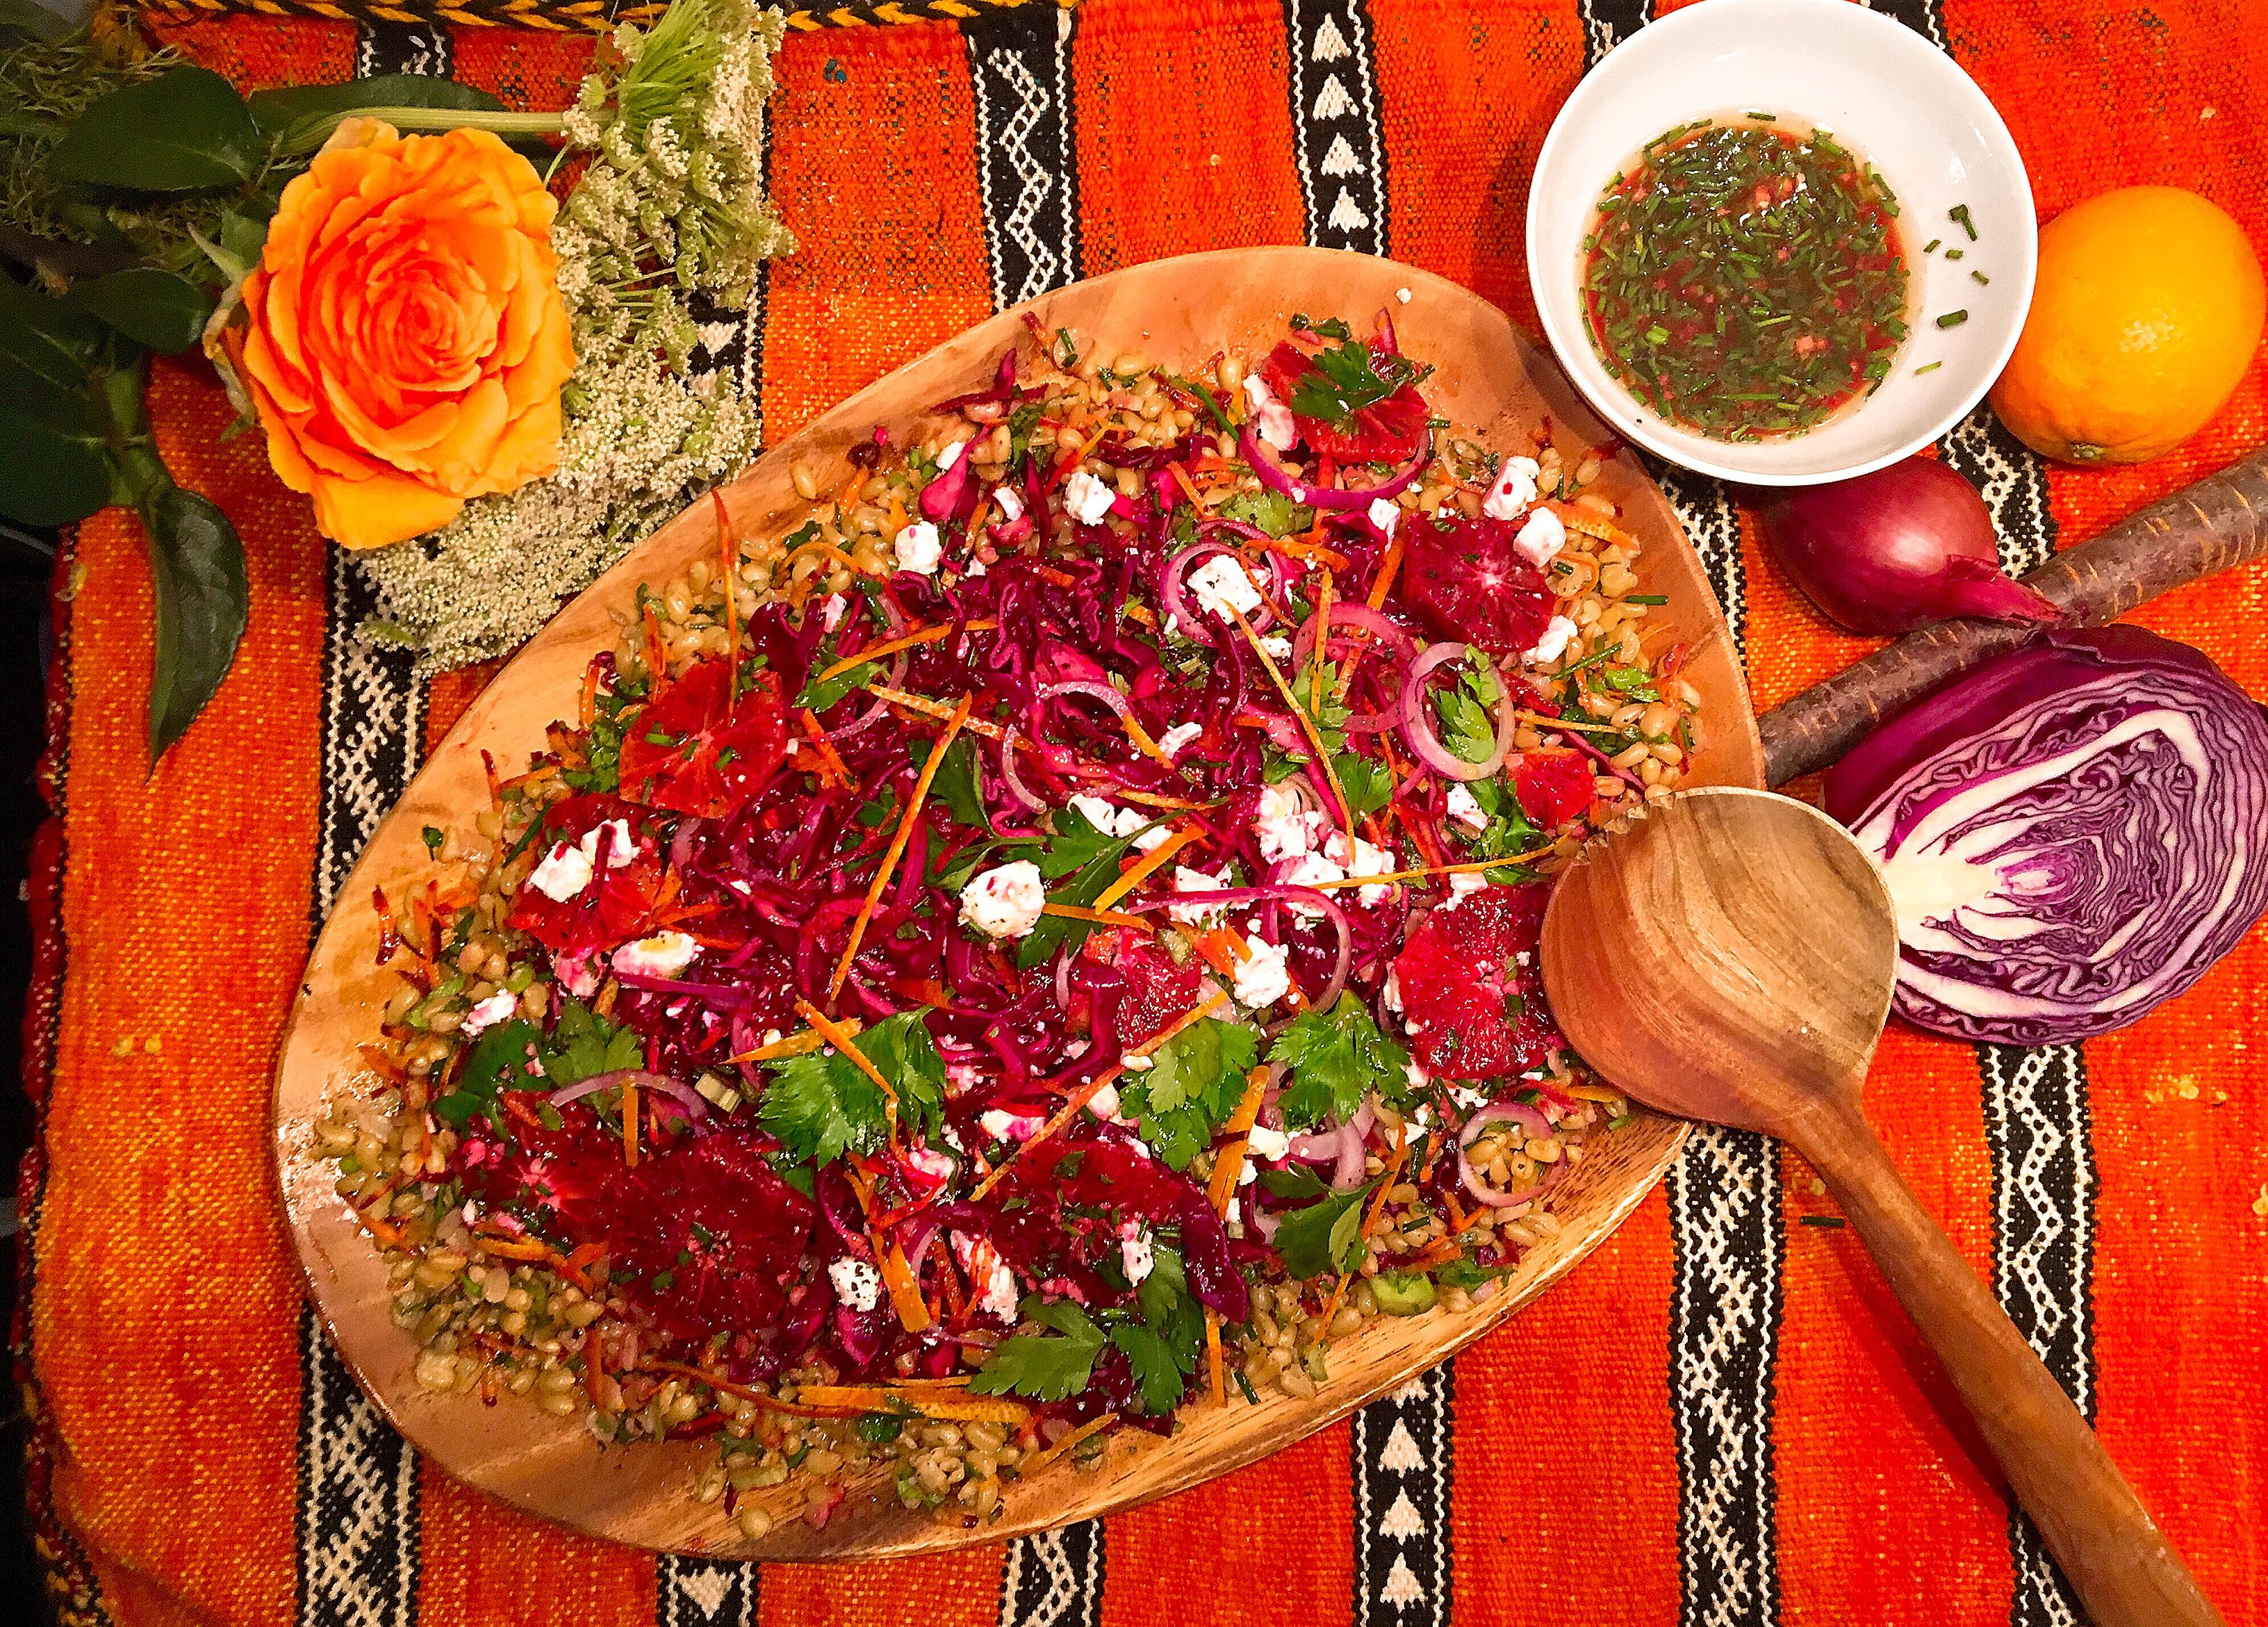 Salade hivernale au blé de khorasan (kamut), chou rouge et  oranges sanguines